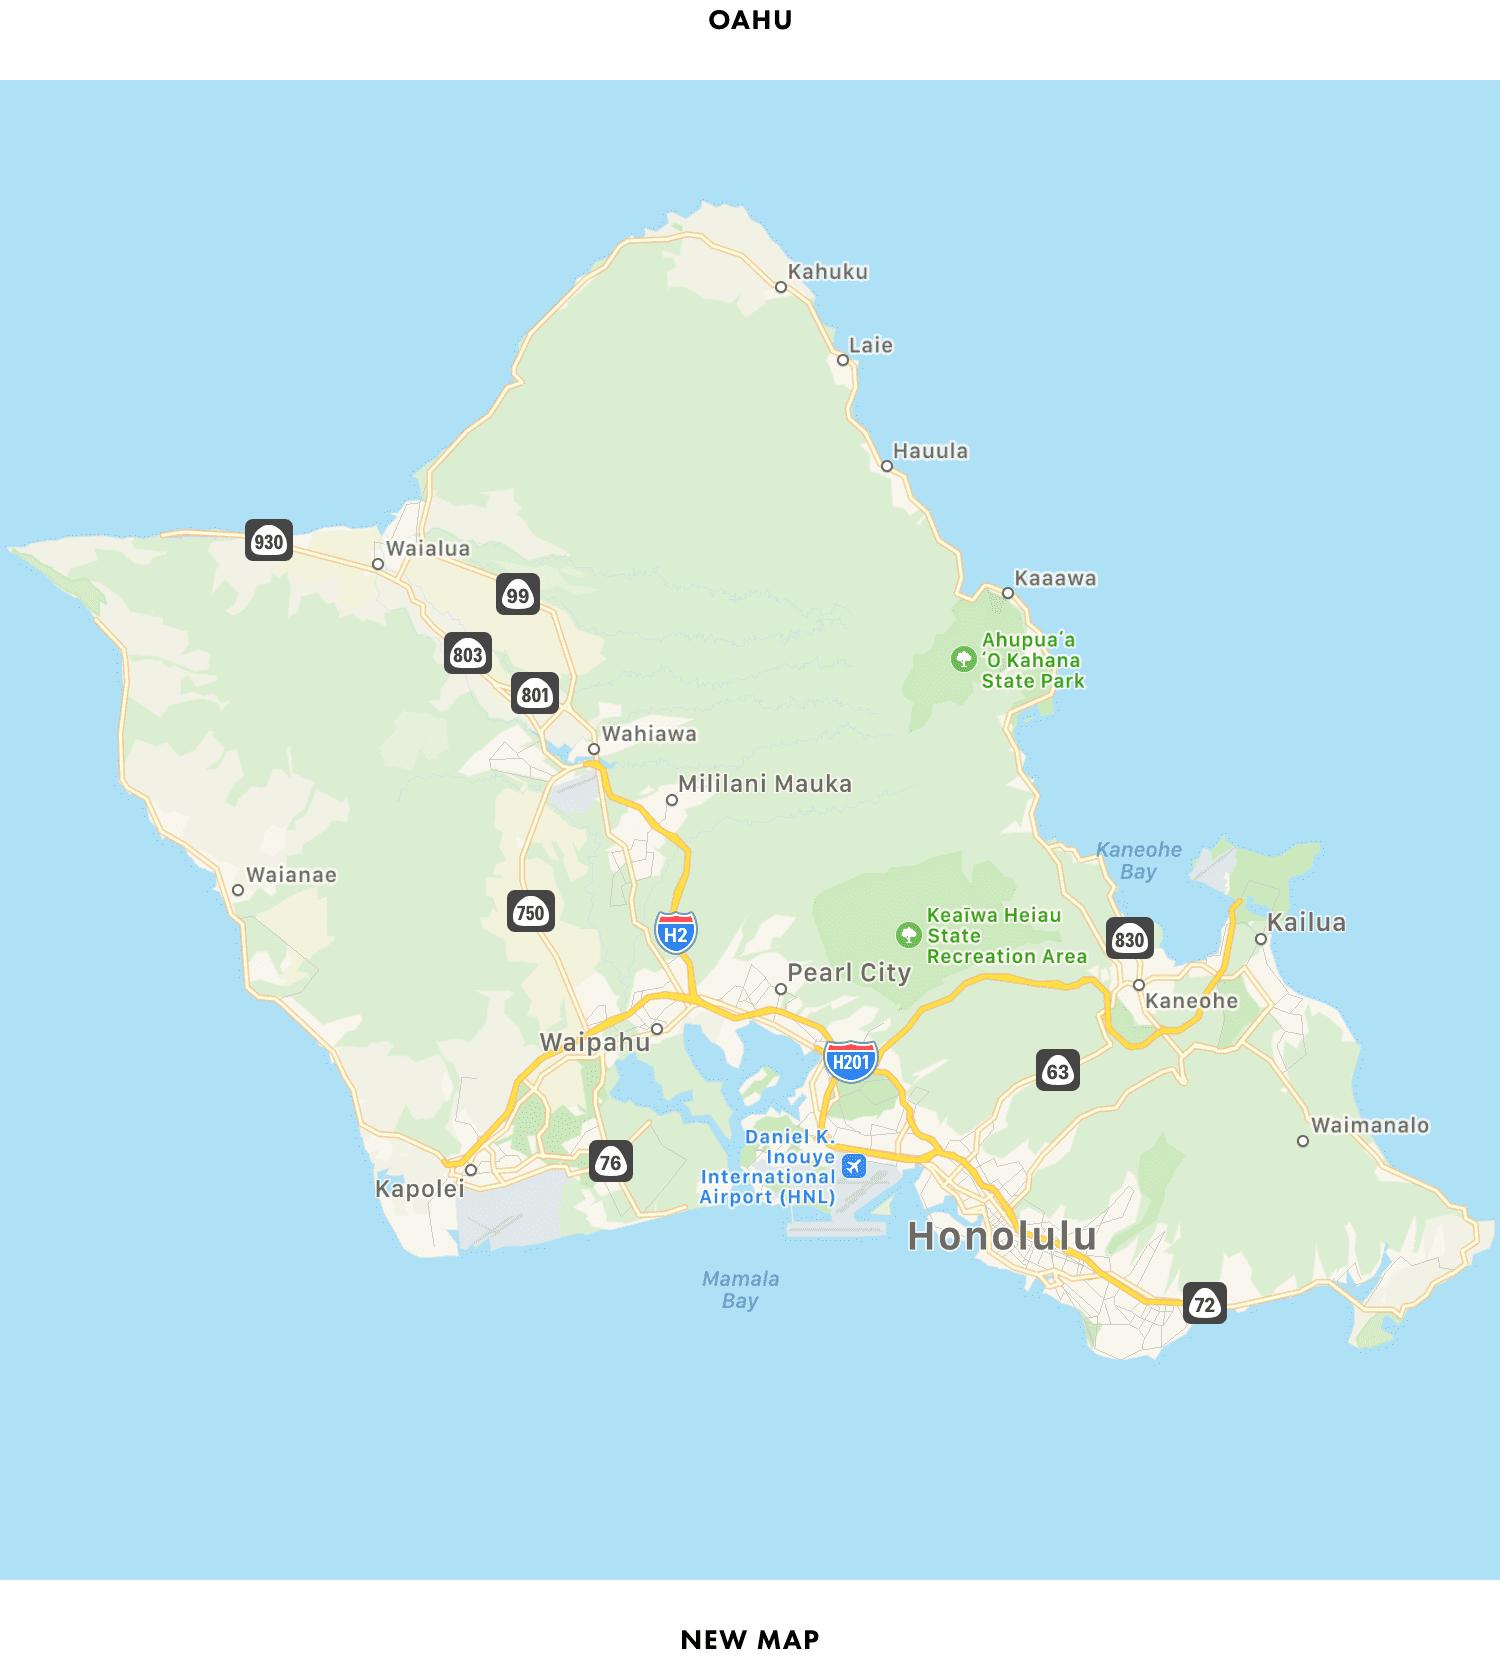 Oahu - New Map.png